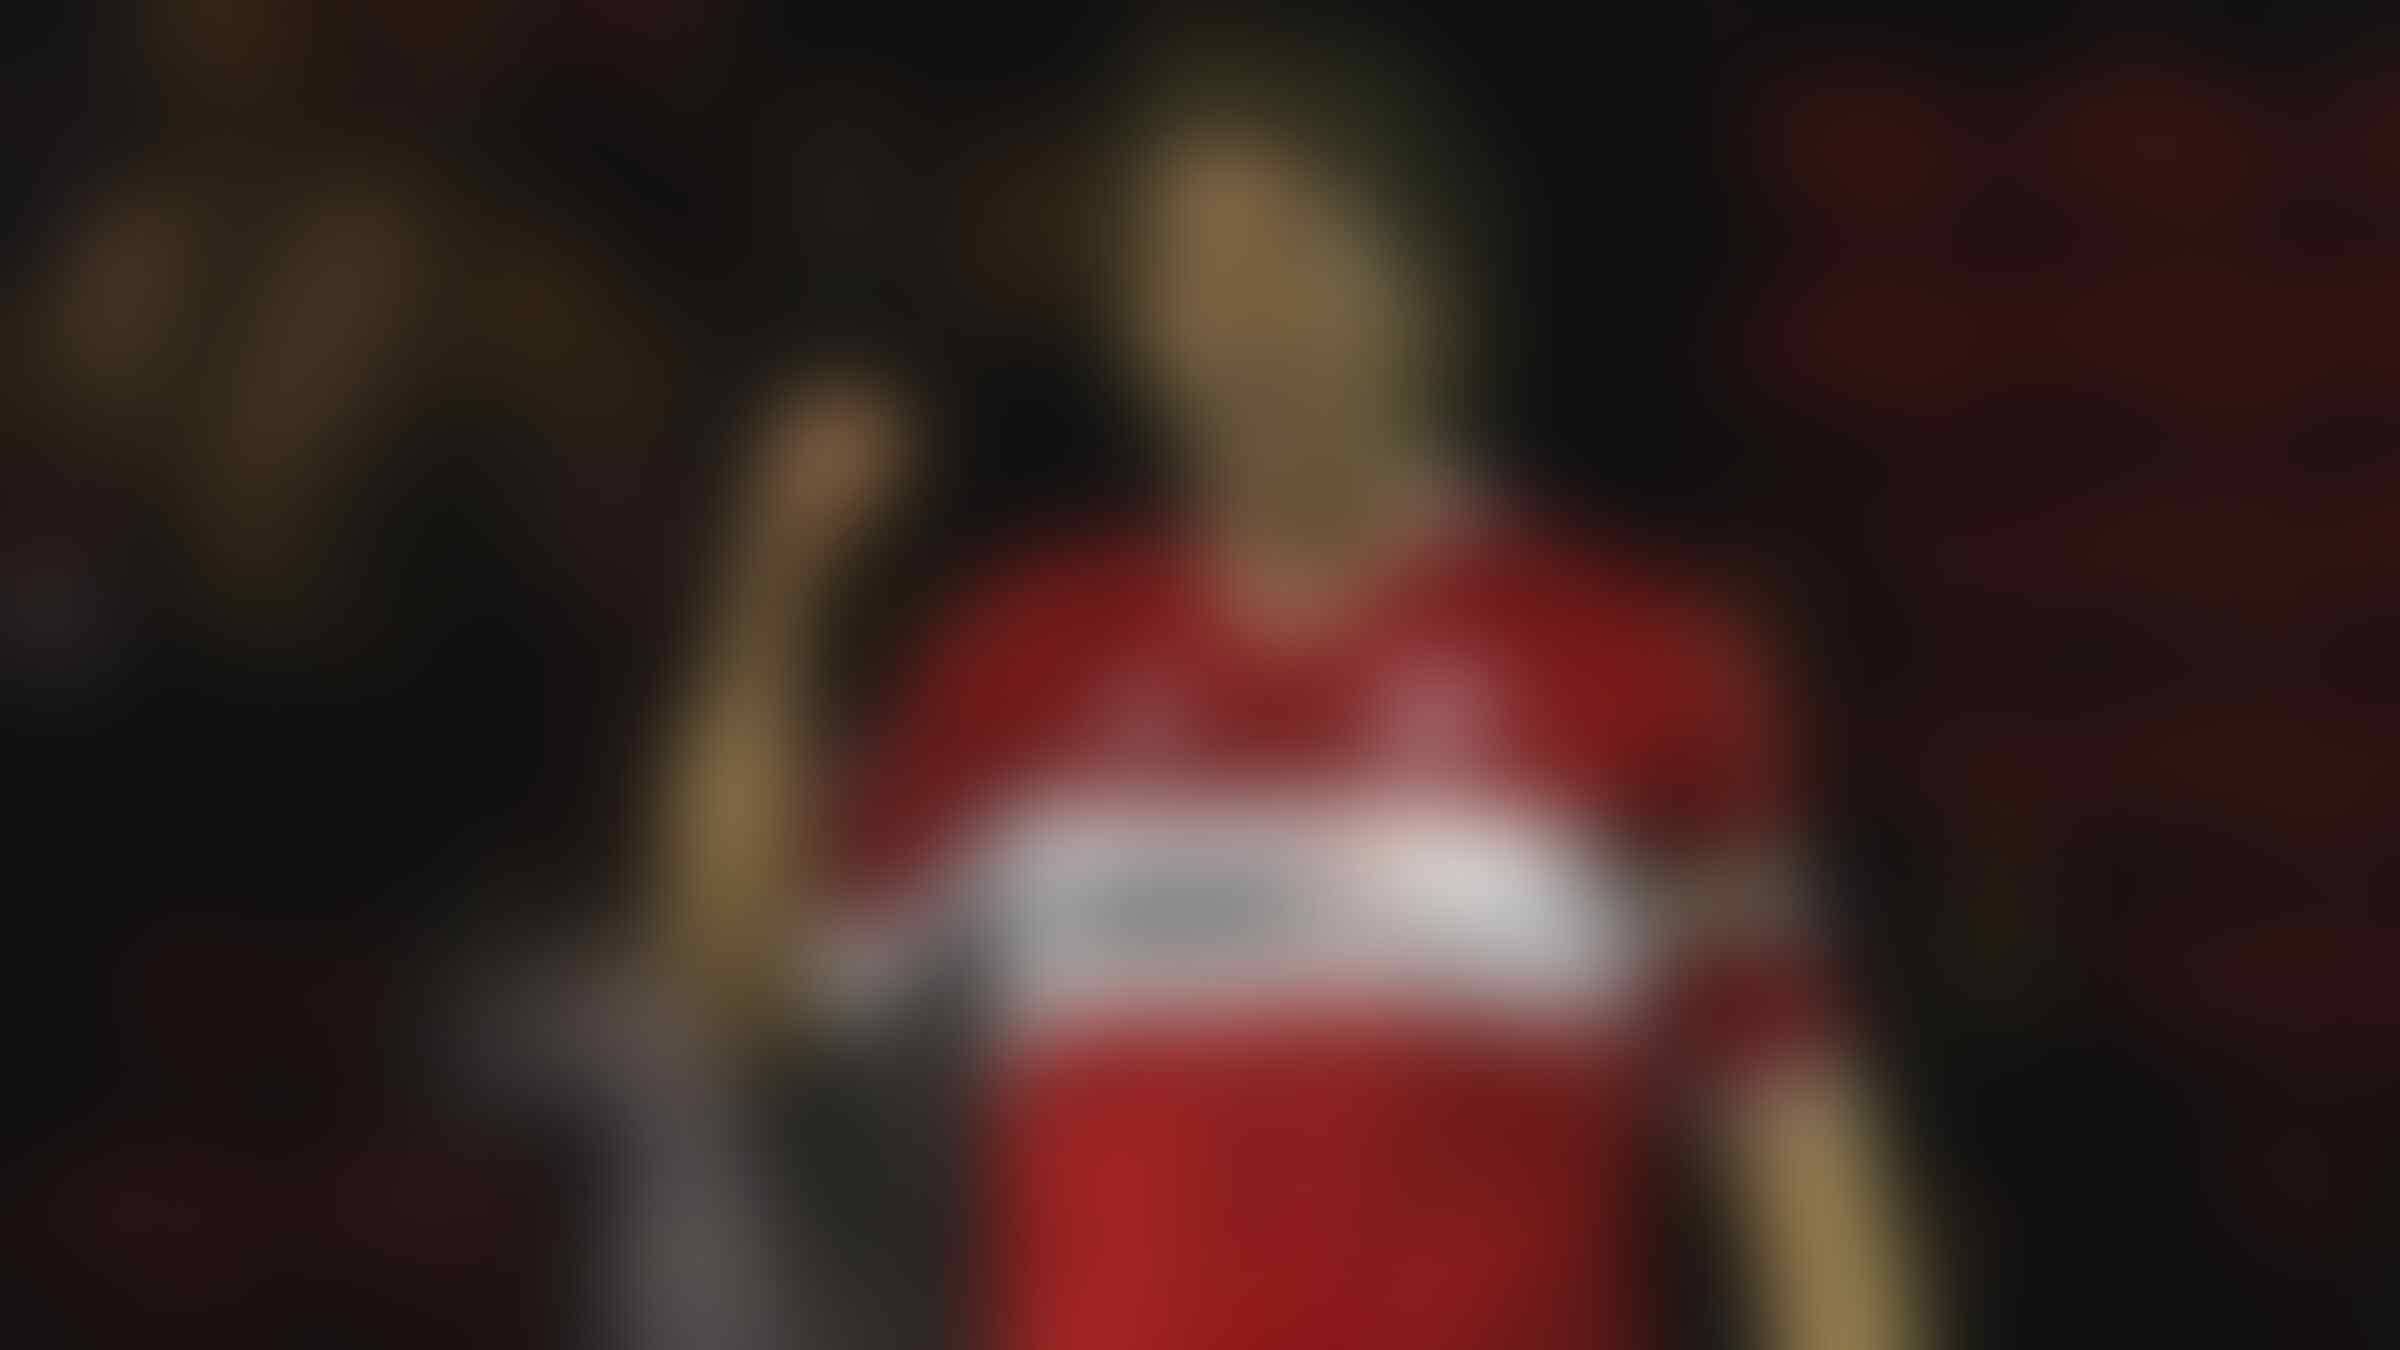 Kisah Gareth Southgate sebelum Melatih Inggris, Jadi Kapten di Usia 23